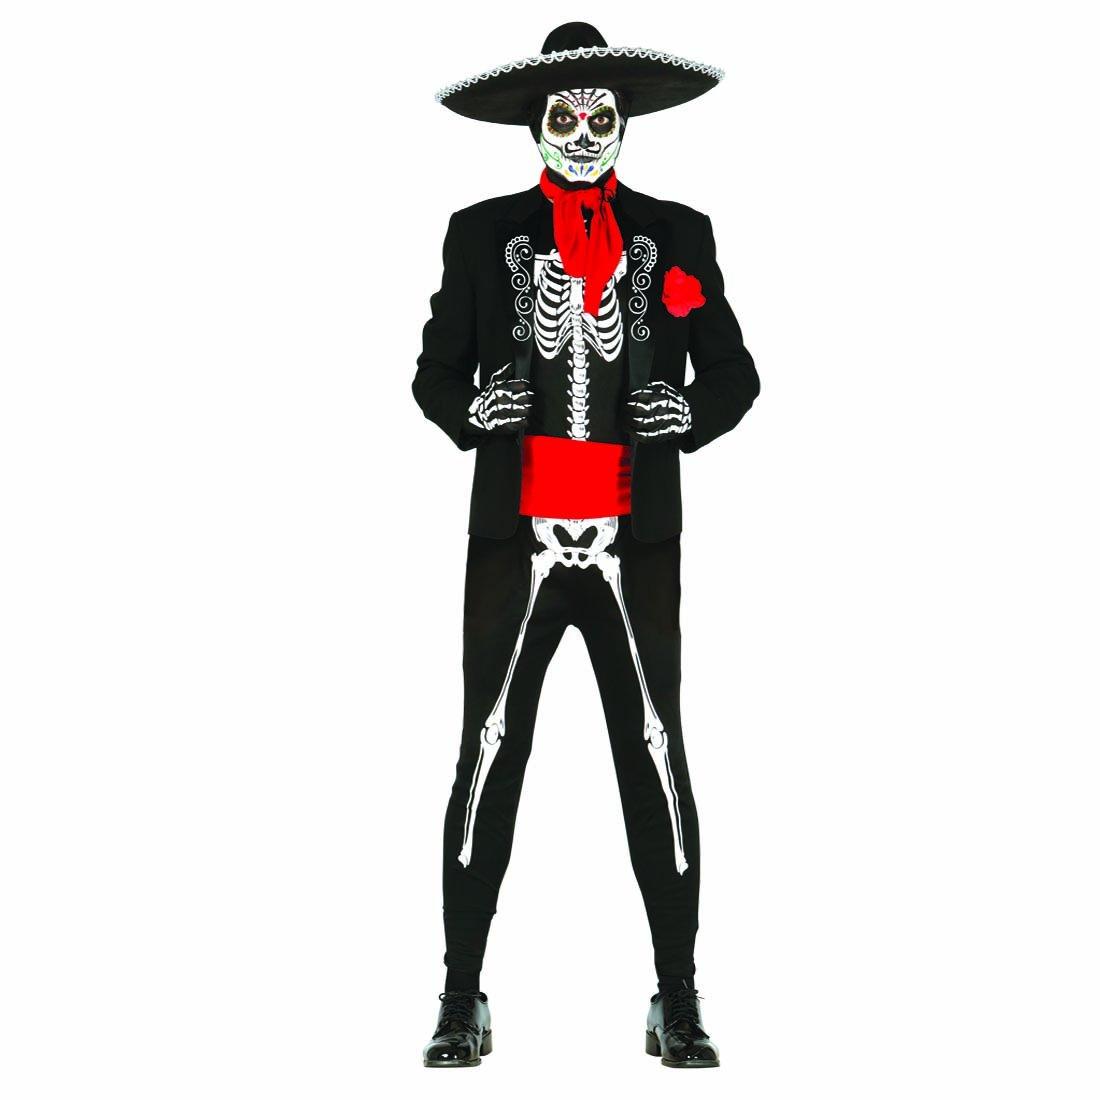 3d552d9c3 Disfraz esqueleto Día de los muertos Traje mexicano Sugar Skull L 52 54  Mariachi Halloween